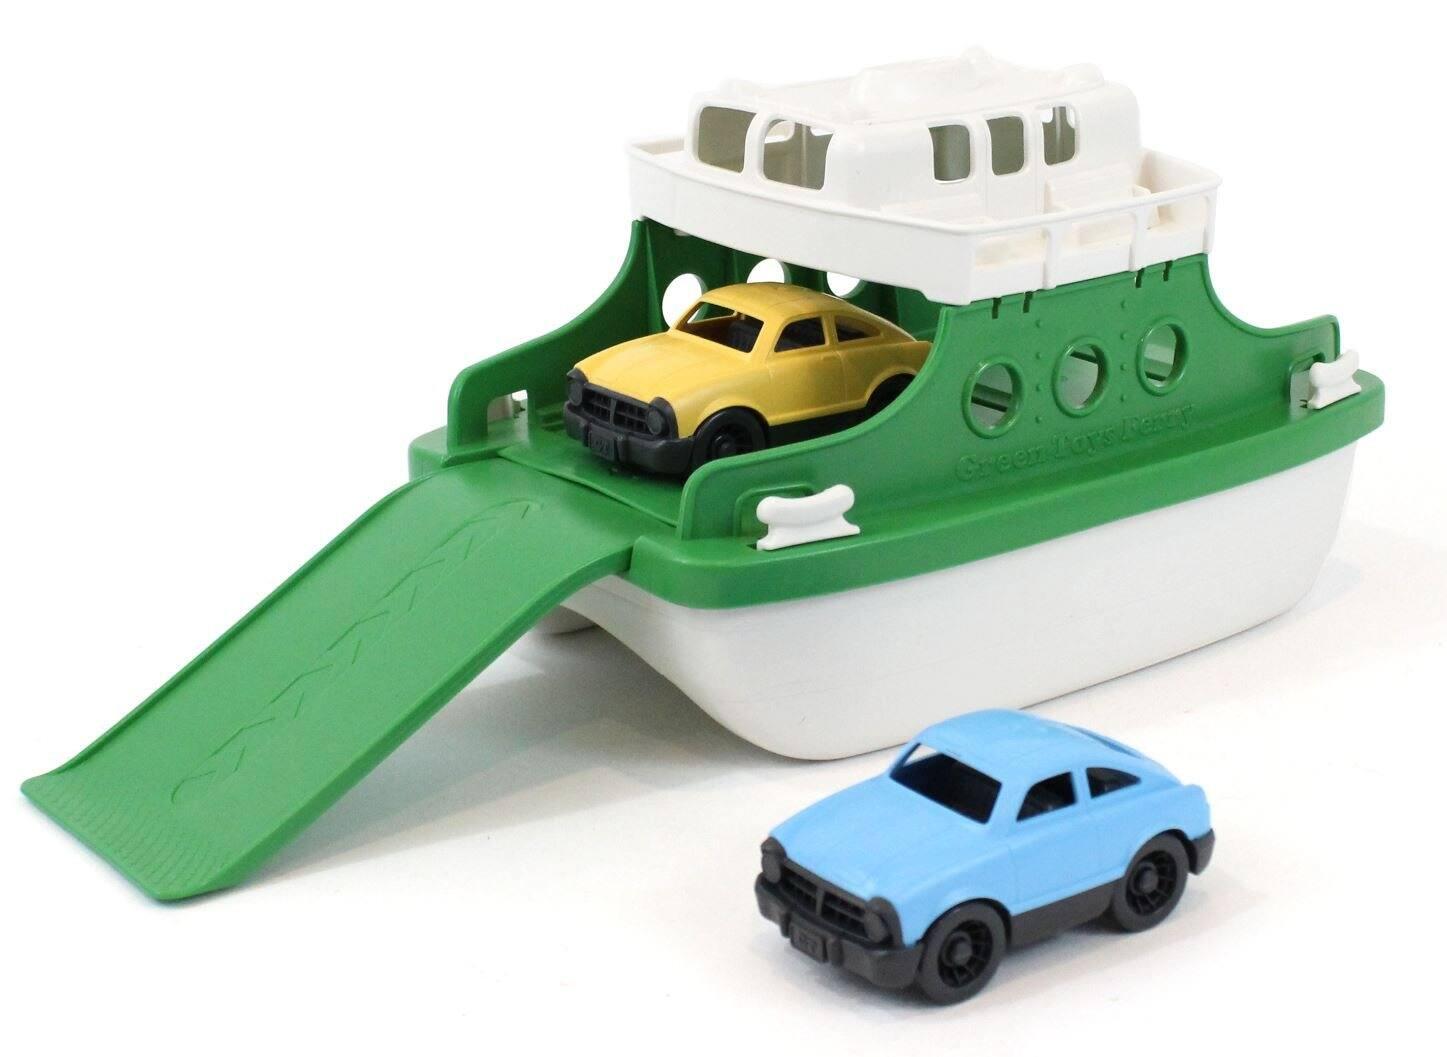 Green Toys Ferry Boat Bathtub Toy w/ Mini Cars